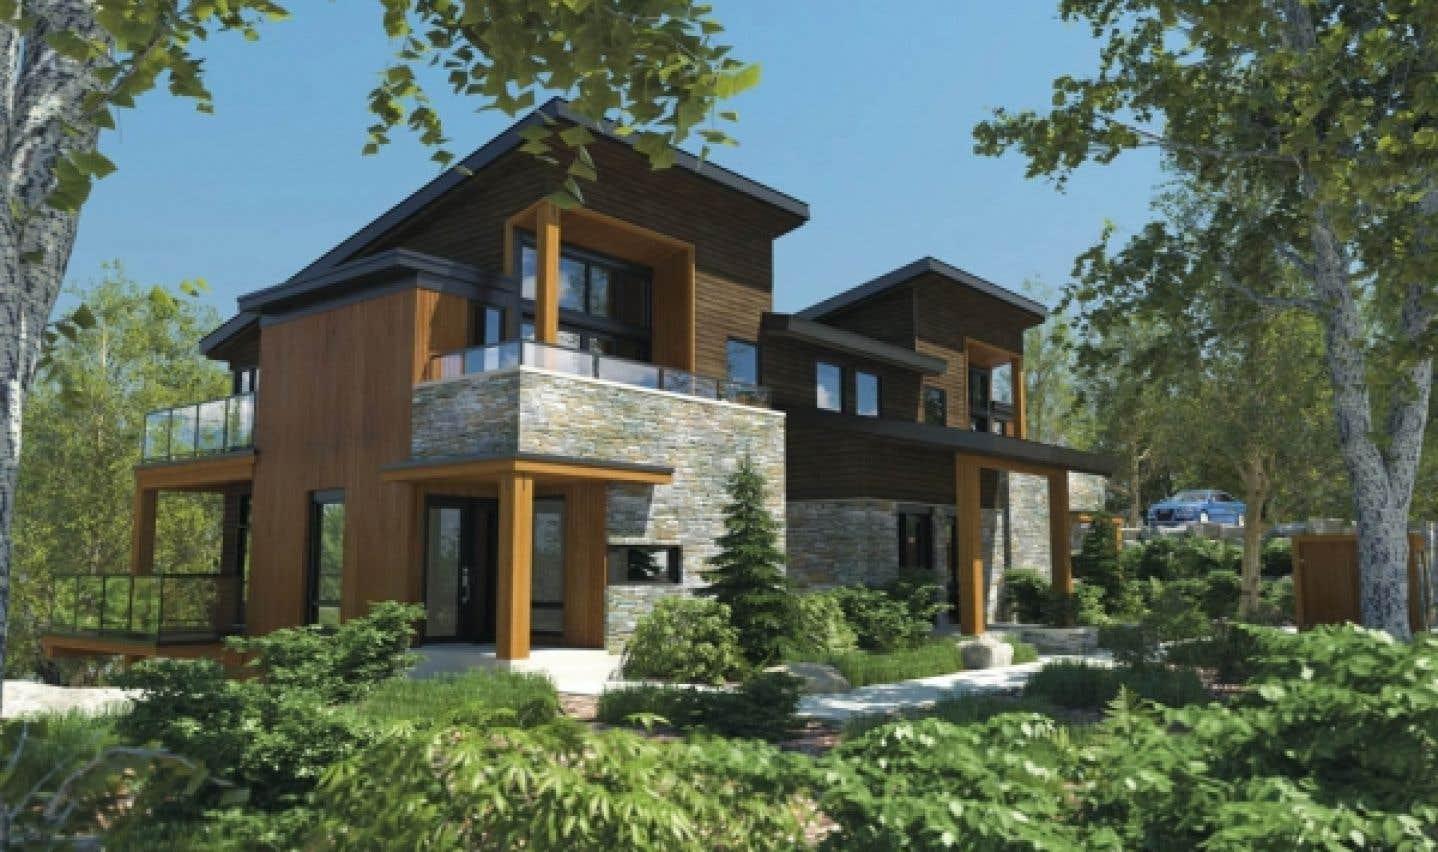 Les habitations de la Côte Est, à Bromont, sont conformes à des normes très strictes, afin que les propriétaires jouissent d'un environnement sain, confortable et économique.